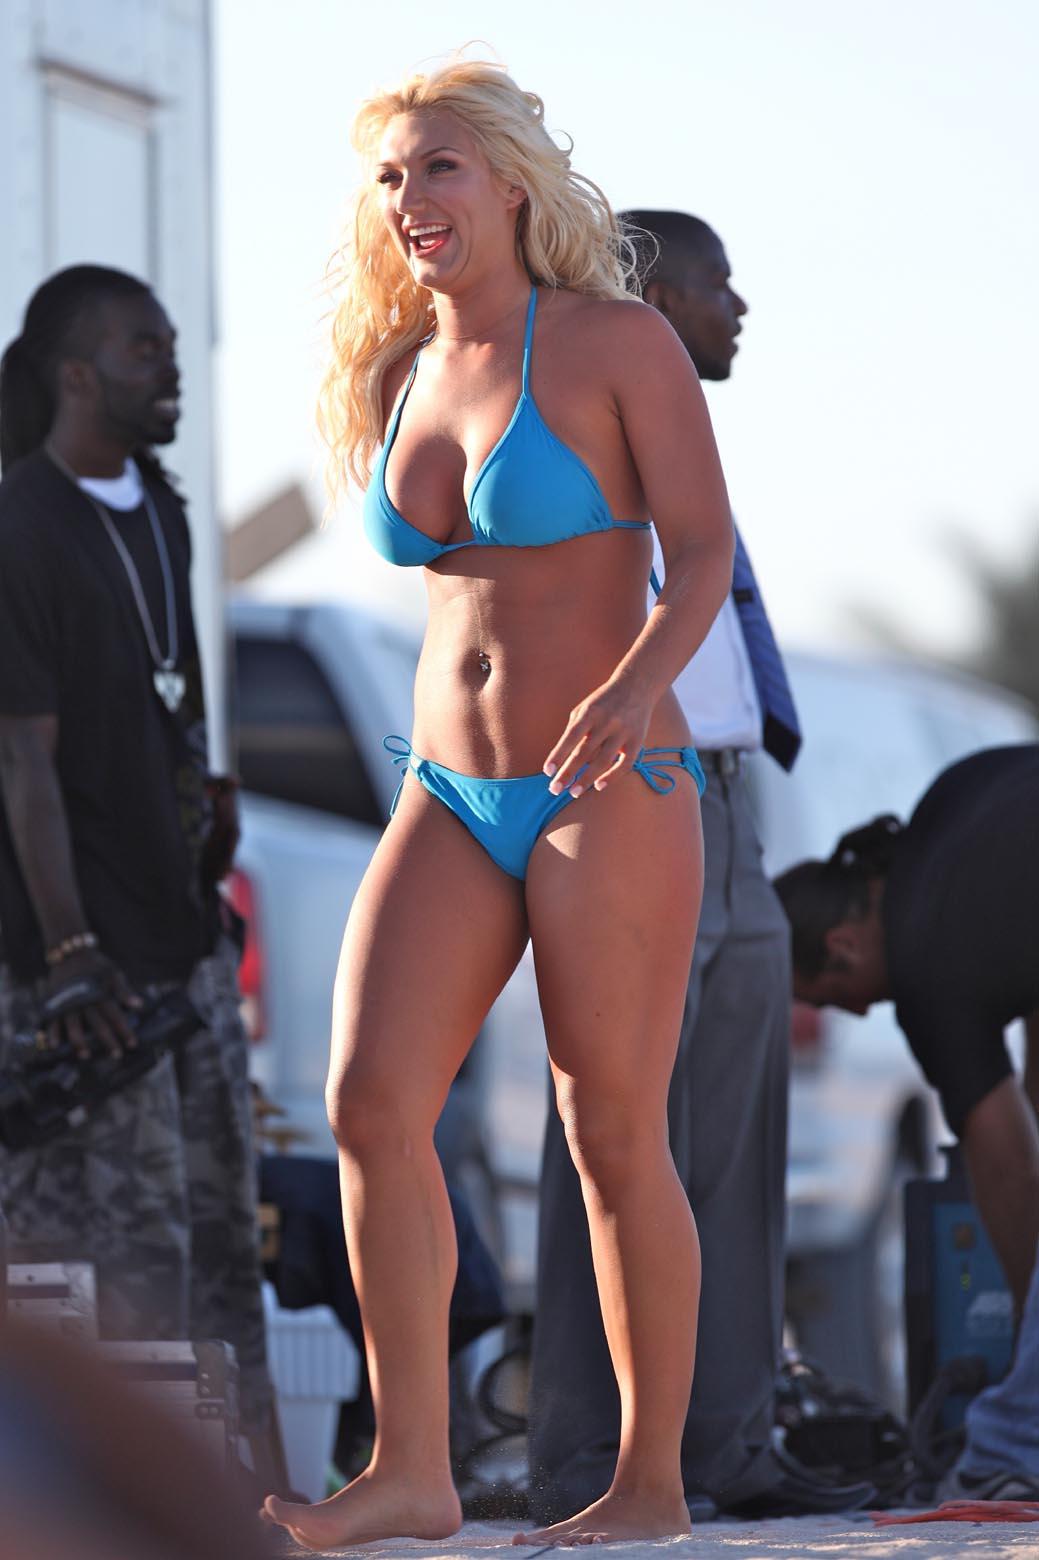 http://4.bp.blogspot.com/_phuF6dINA4E/S-7v7Ng3_NI/AAAAAAAAAnE/BWke0KfKaAw/s1600/brooke_hogan_bikini_bl_3_big.jpg